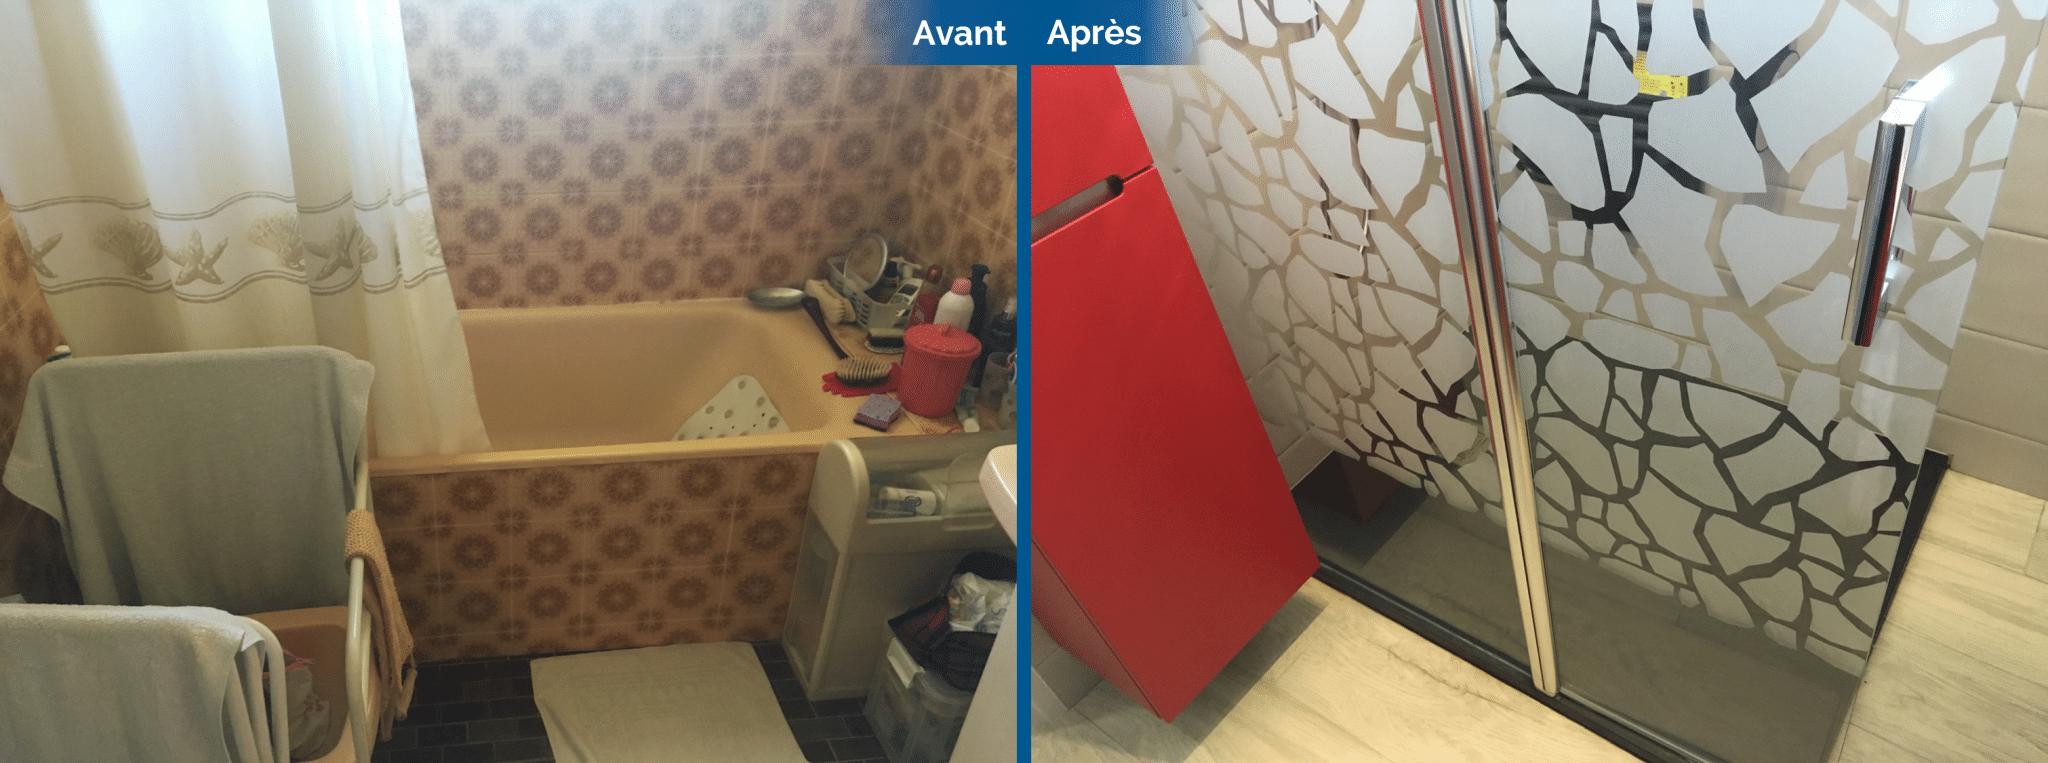 Carrelage Sol Avant Ou Apres Receveur avant/après d'une rénovation de salle de bain et de wc à saint-avé (56)